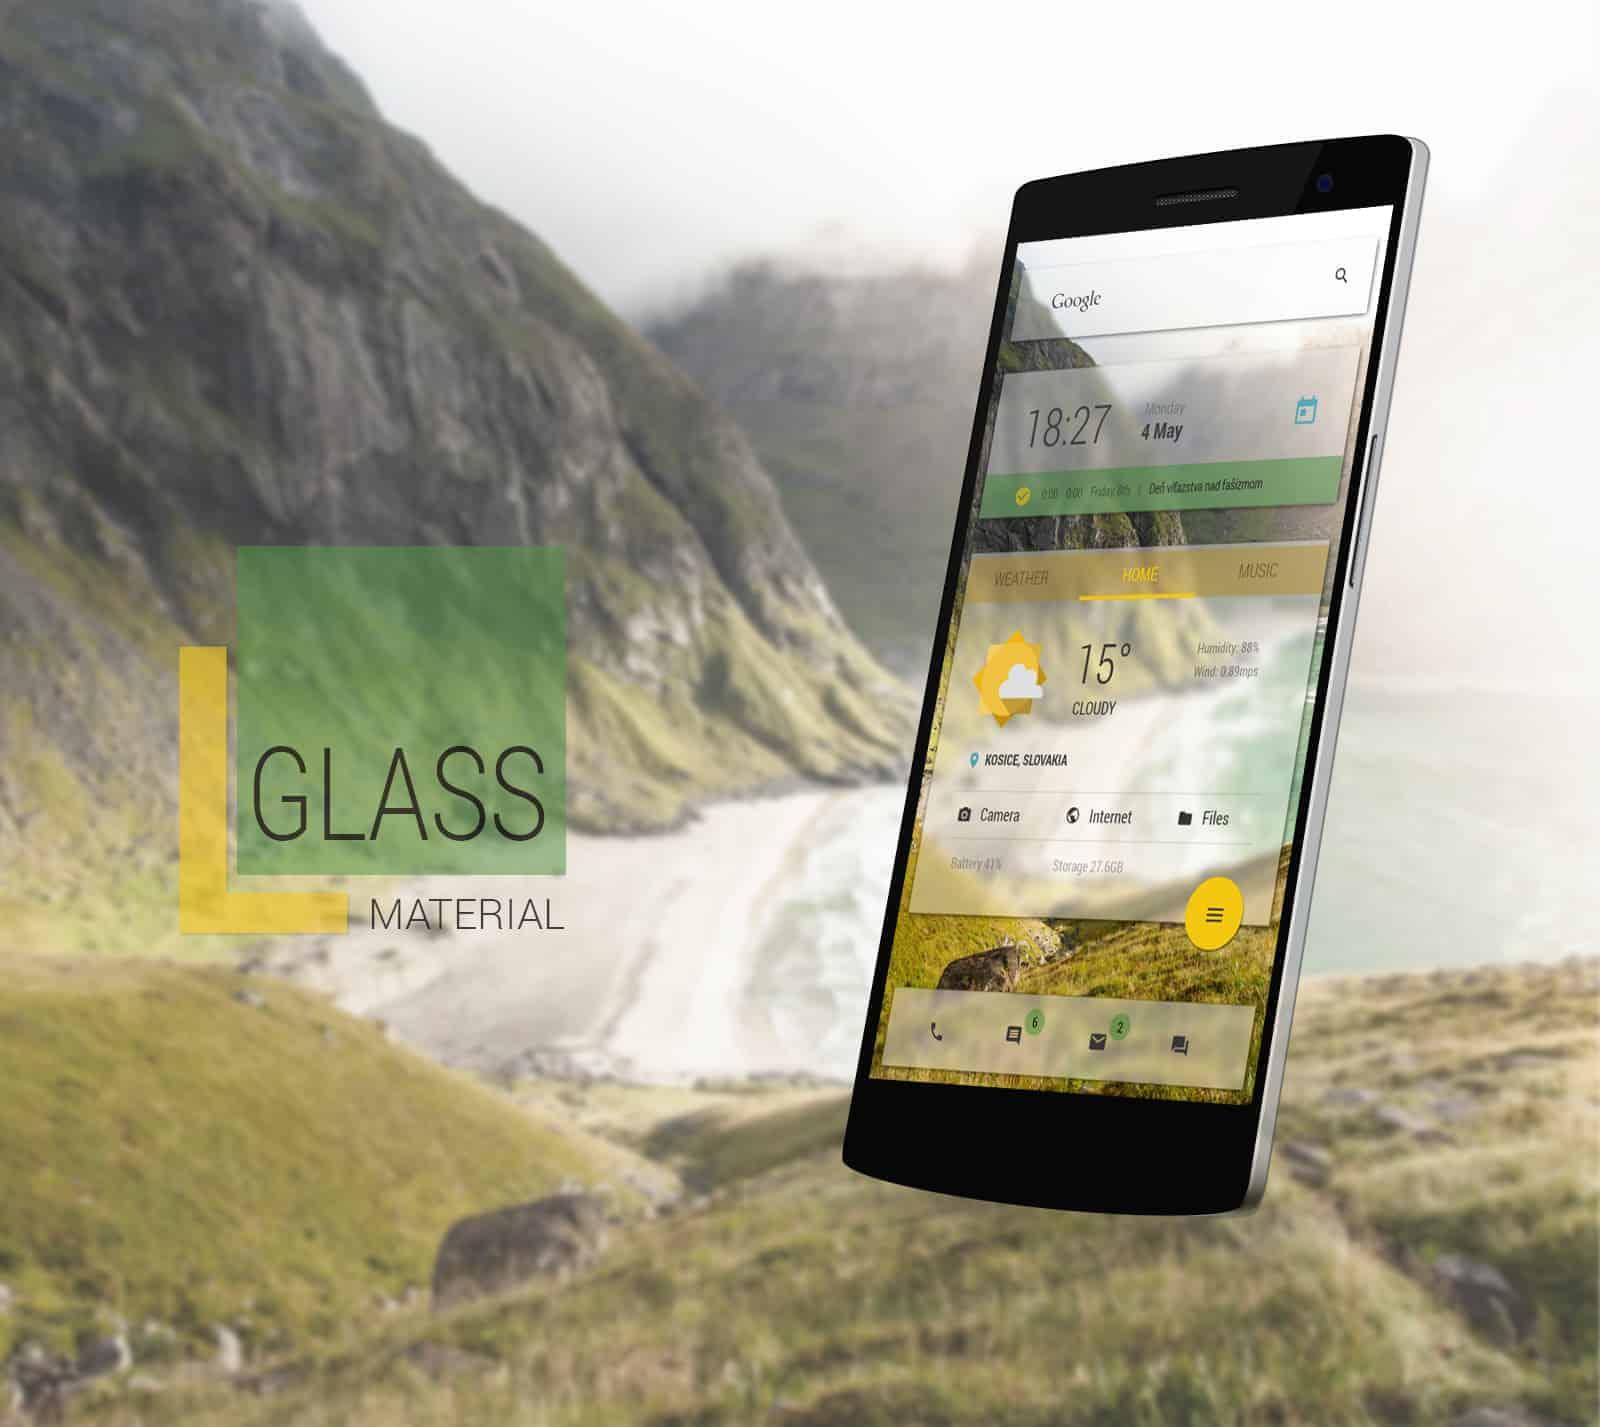 GlassMaterialHome_original